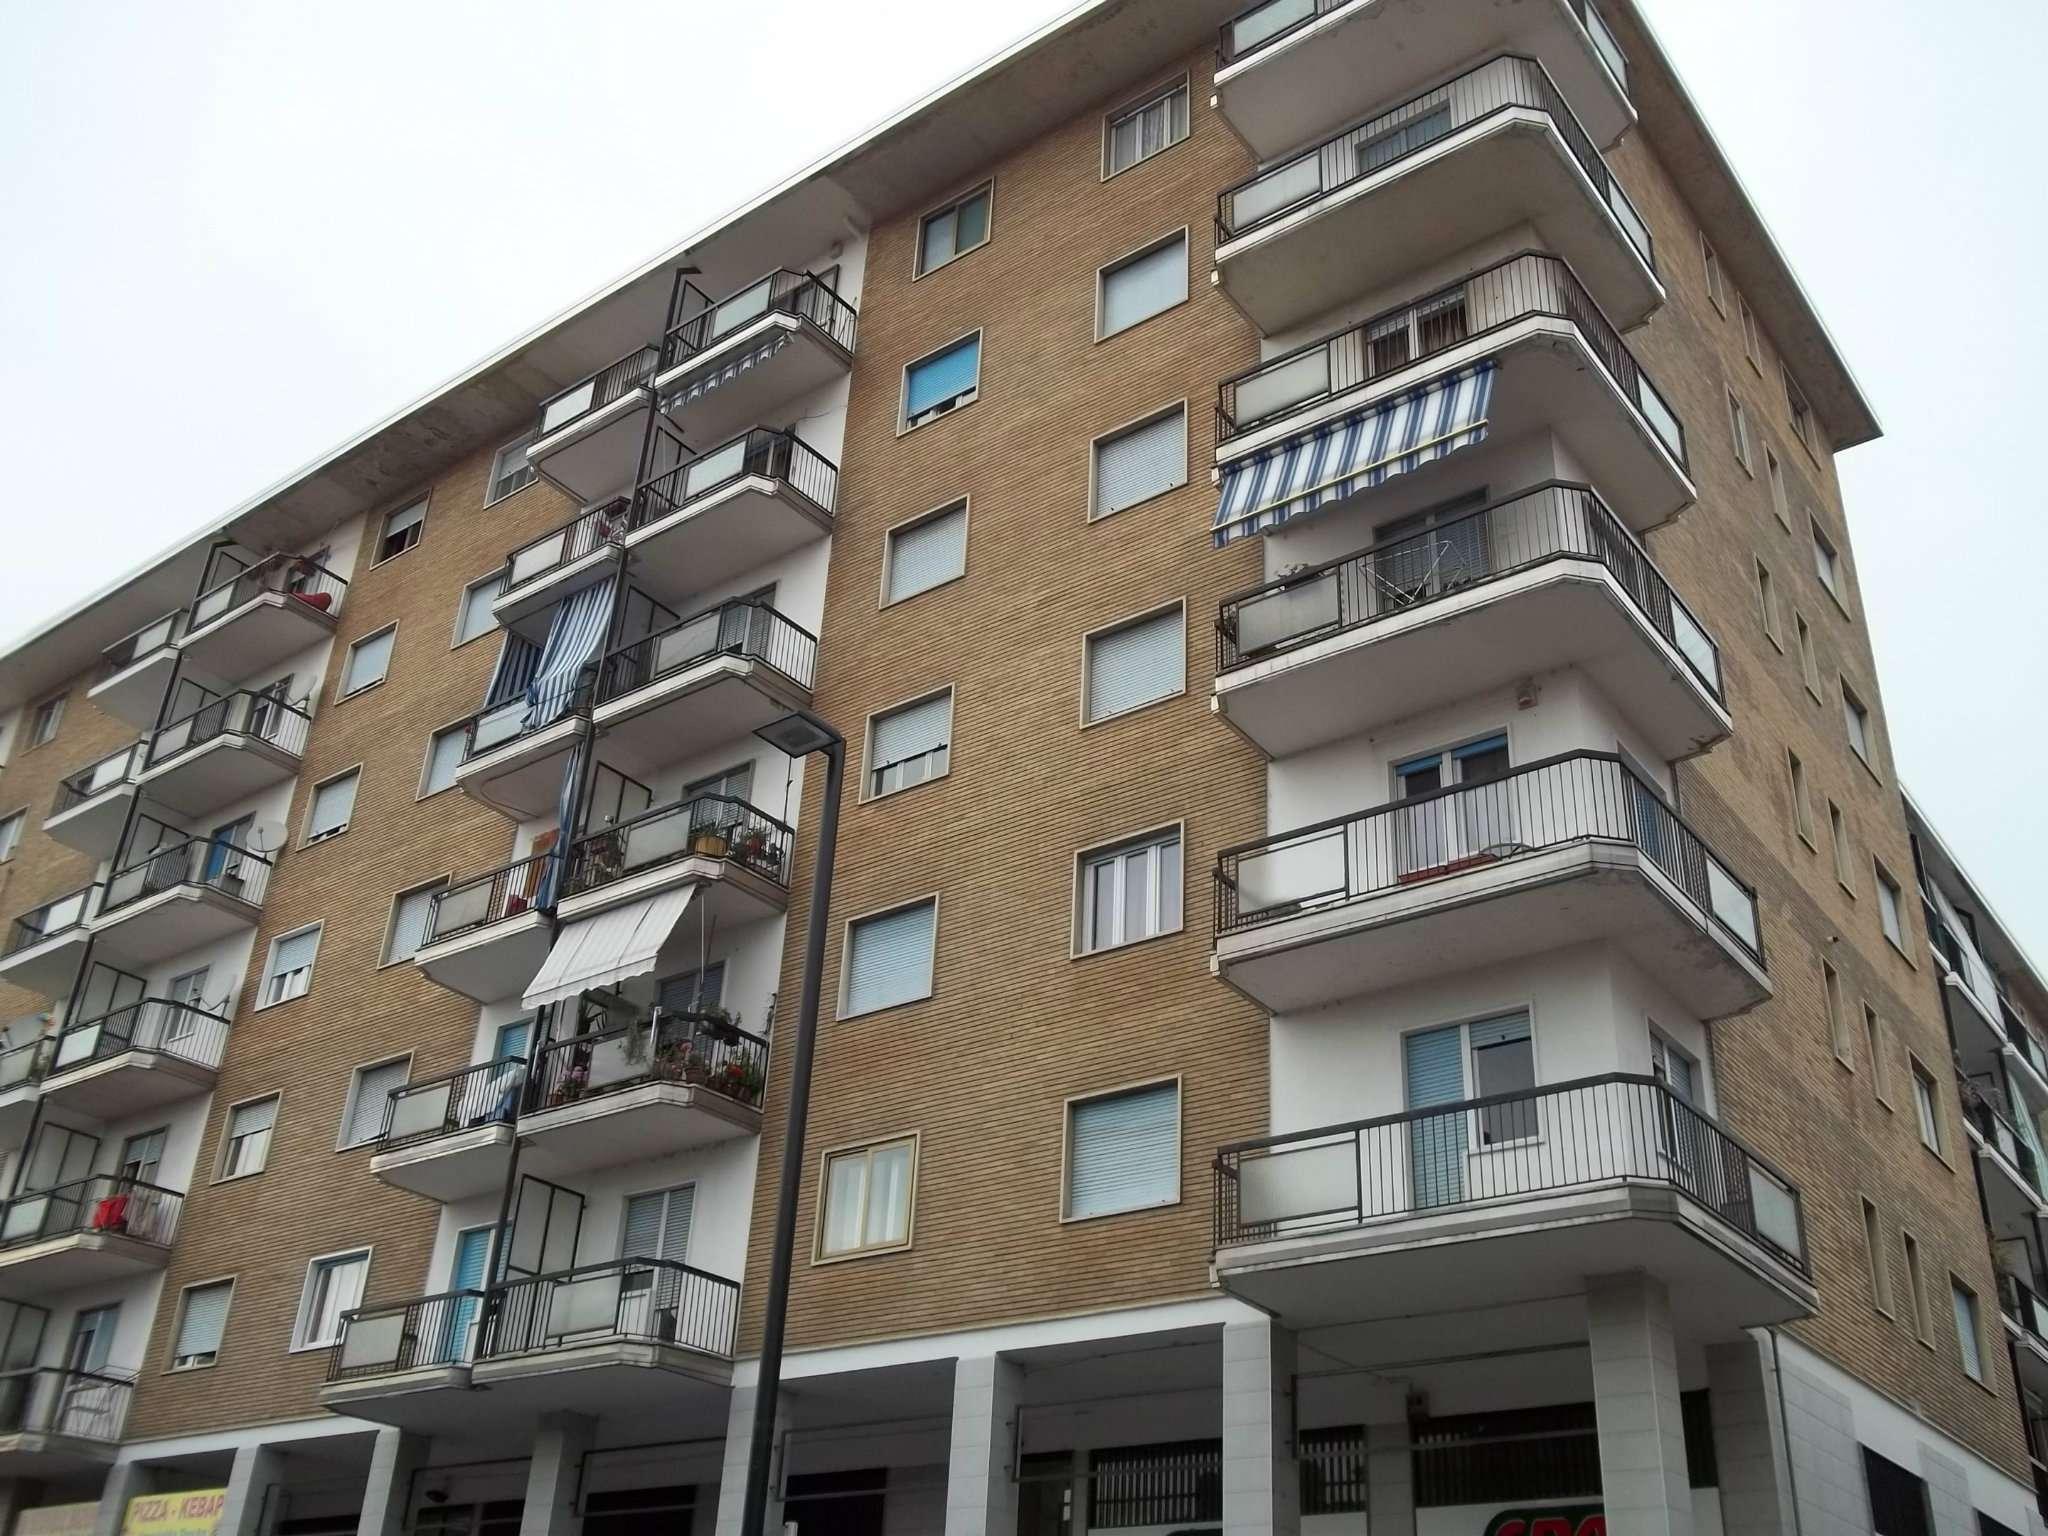 Appartamento in vendita a Alpignano, 2 locali, prezzo € 90.000 | CambioCasa.it